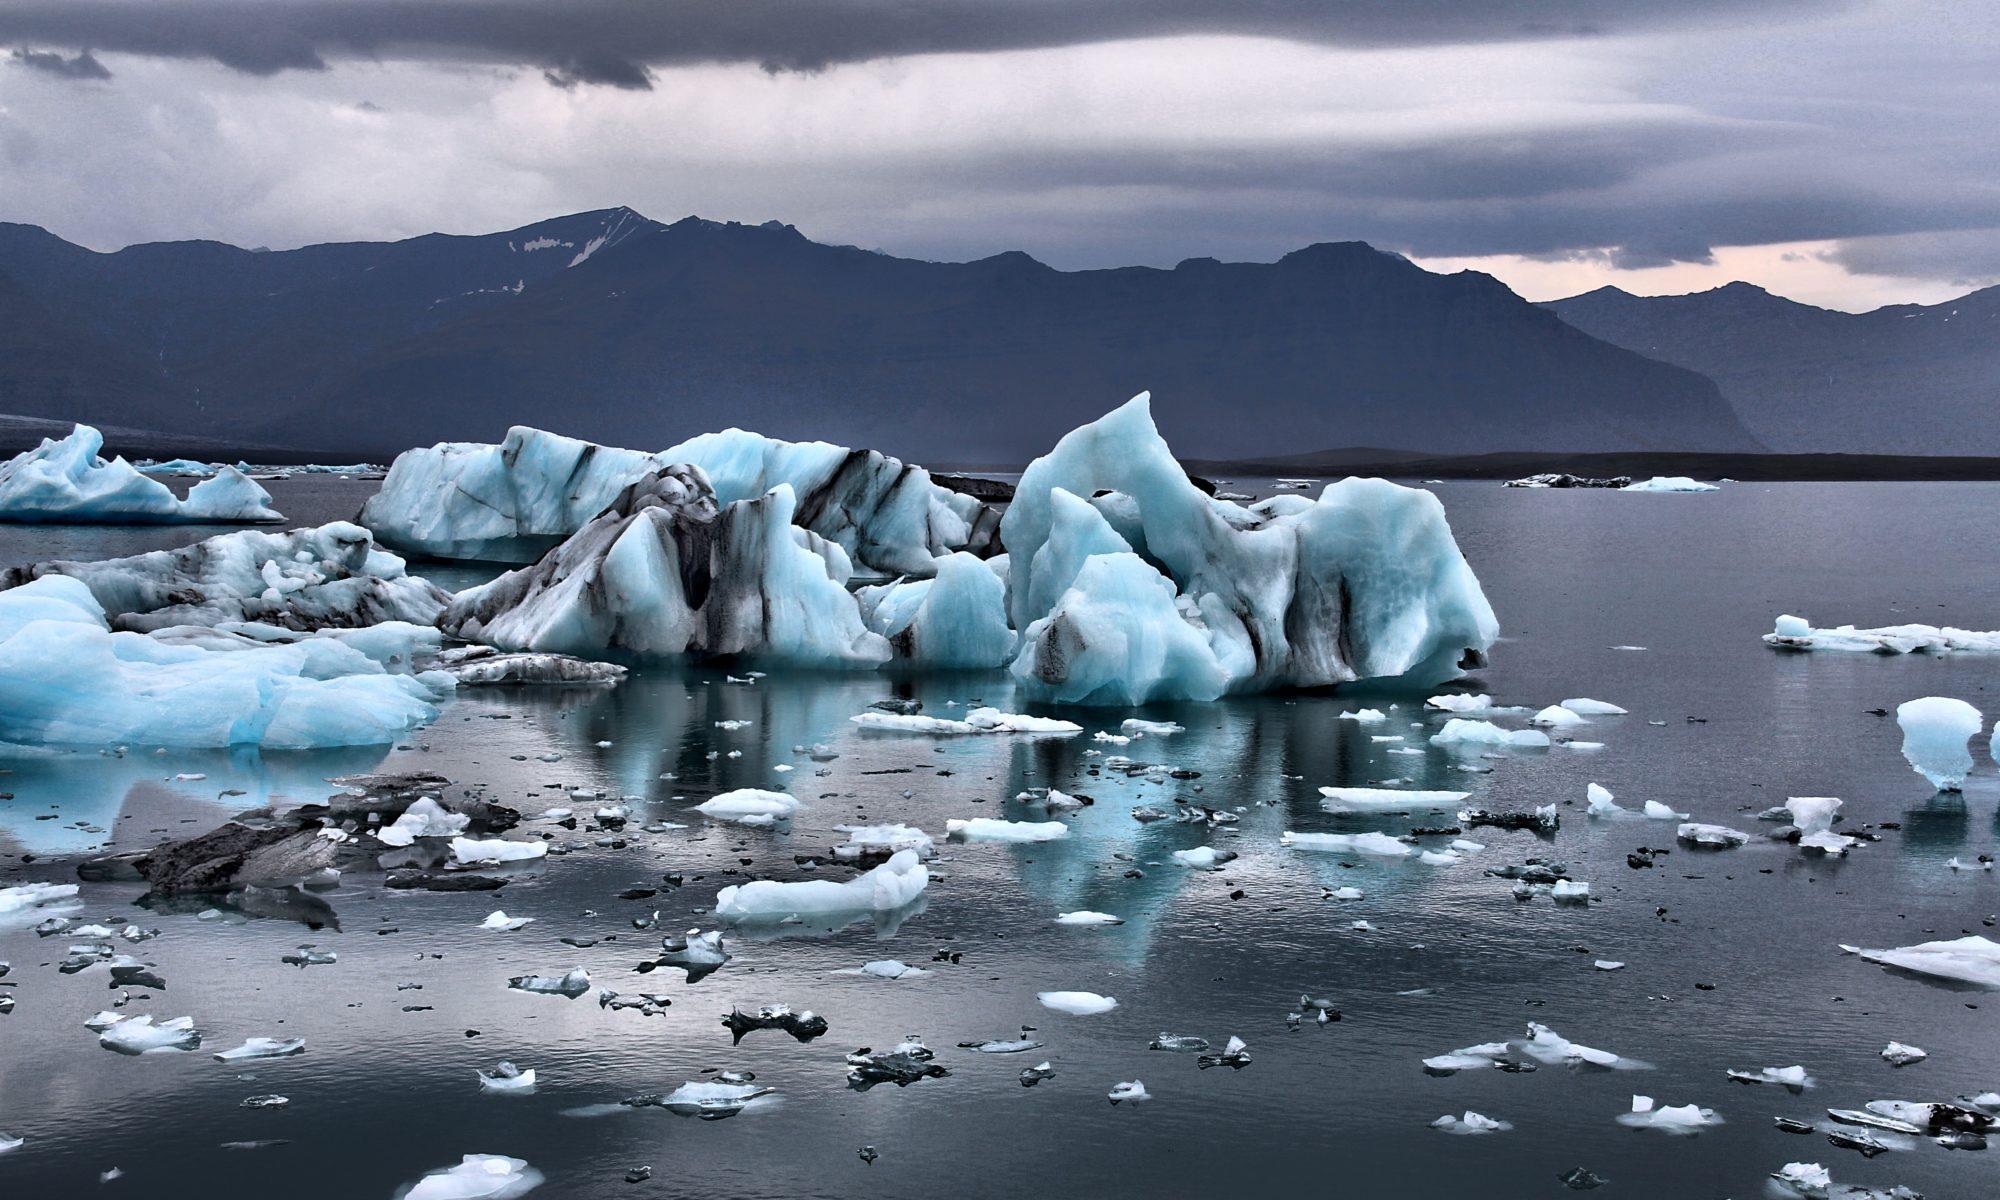 schmelzende Eisberge im Wasser